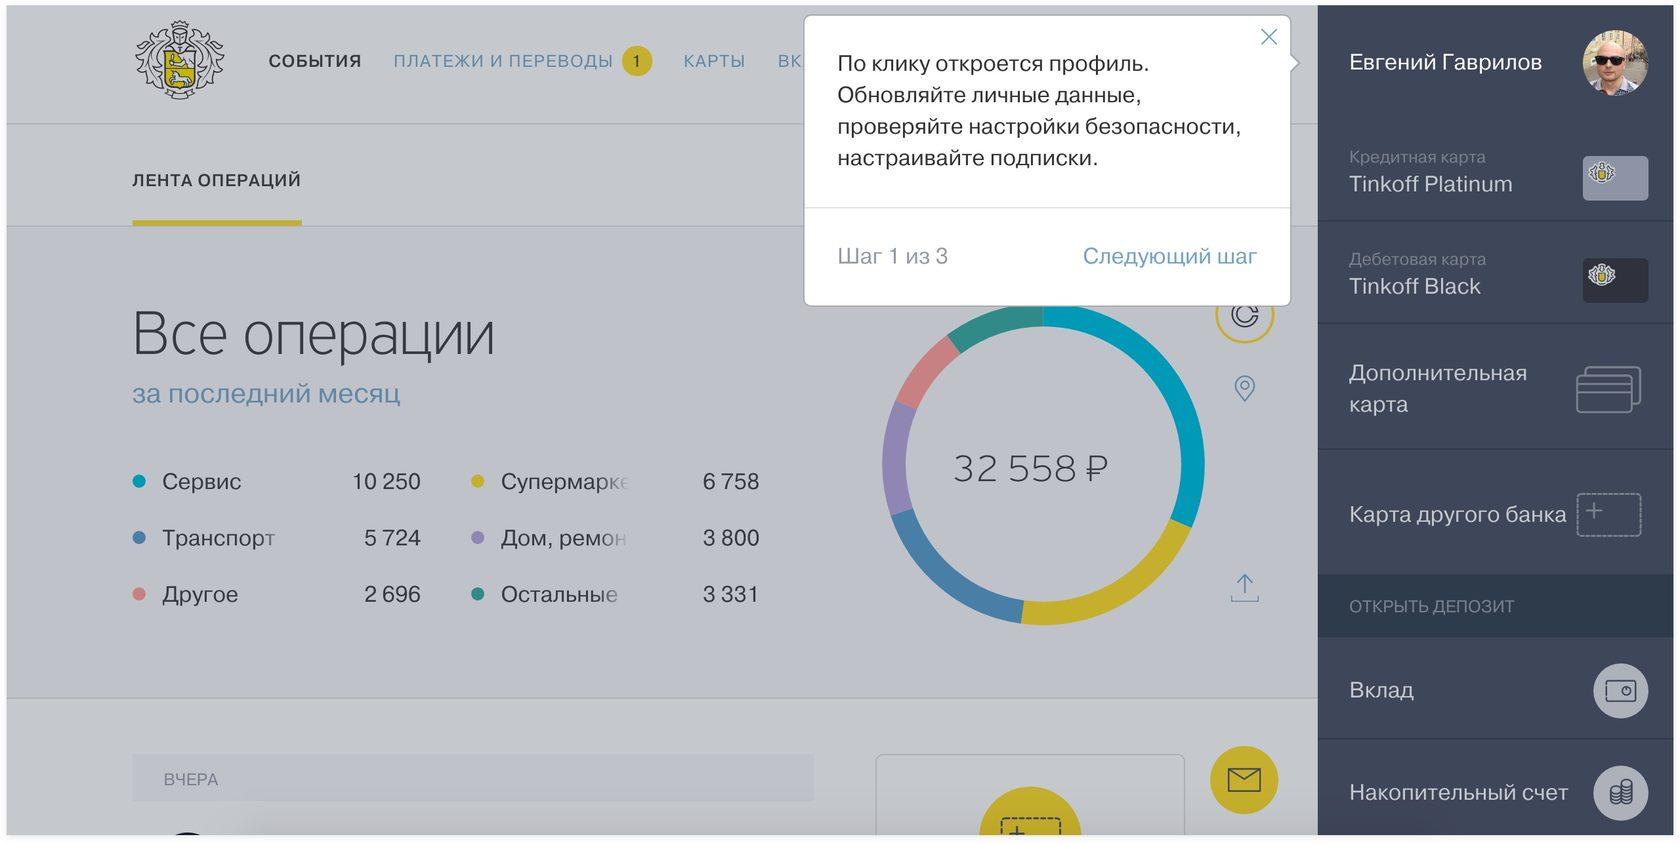 Новая весрия интерфейса банка с внедренным онбордингом | Sobakapav.ru